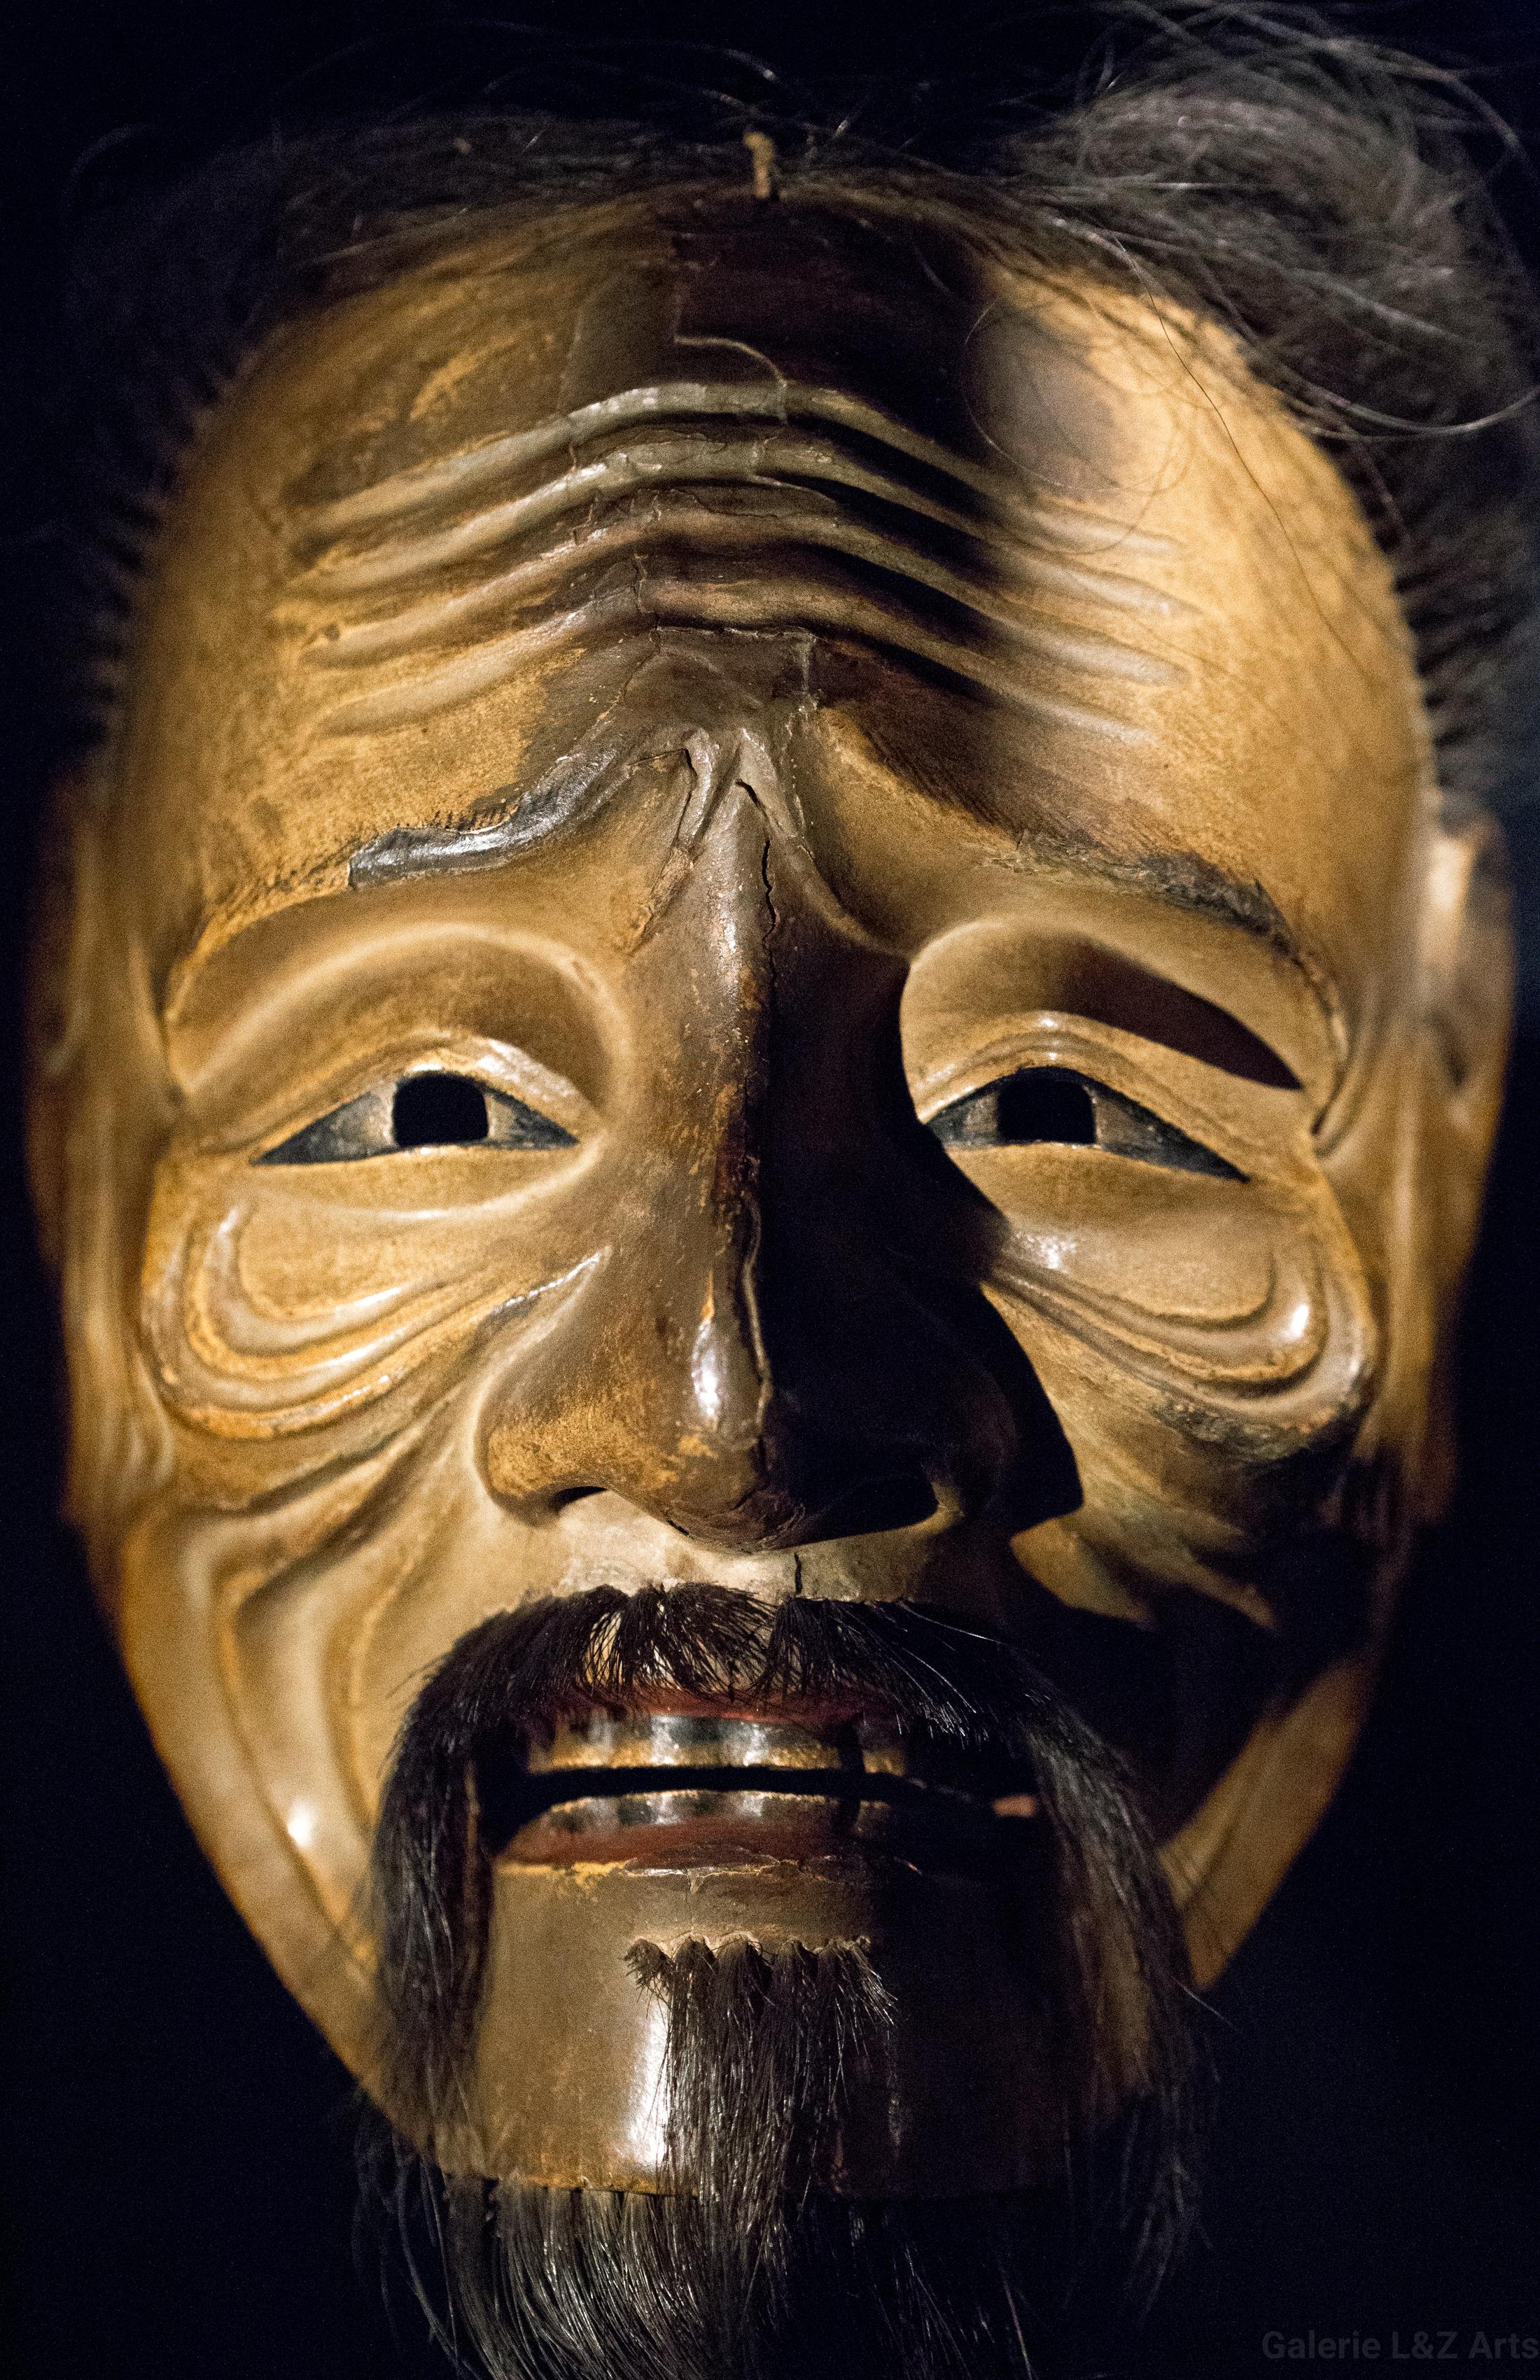 exposition-masque-art-tribal-africain-musee-quai-branly-belgique-galerie-lz-arts-liege-cite-miroir-oceanie-asie-japon-amerique-art-premier-nepal-32.jpg